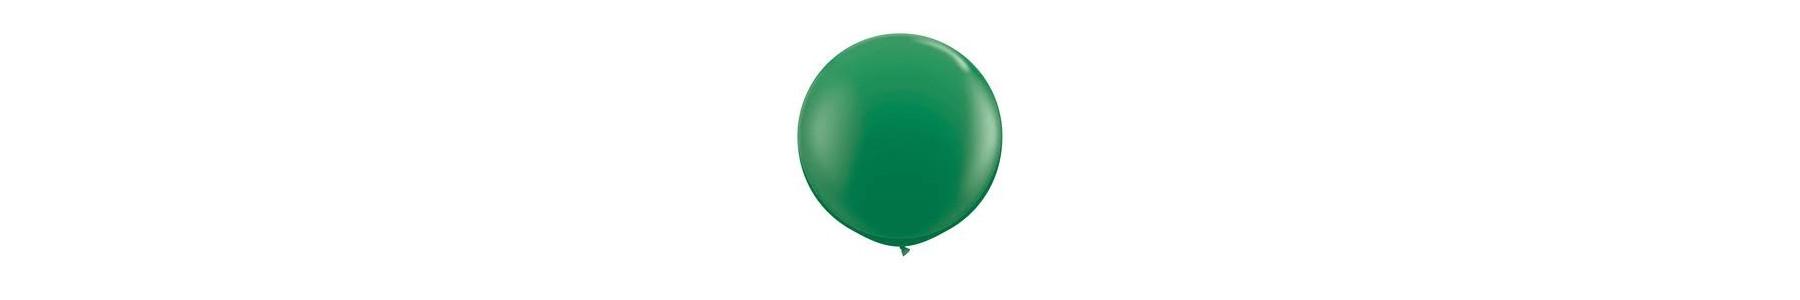 Baloane jumbo 80 cm